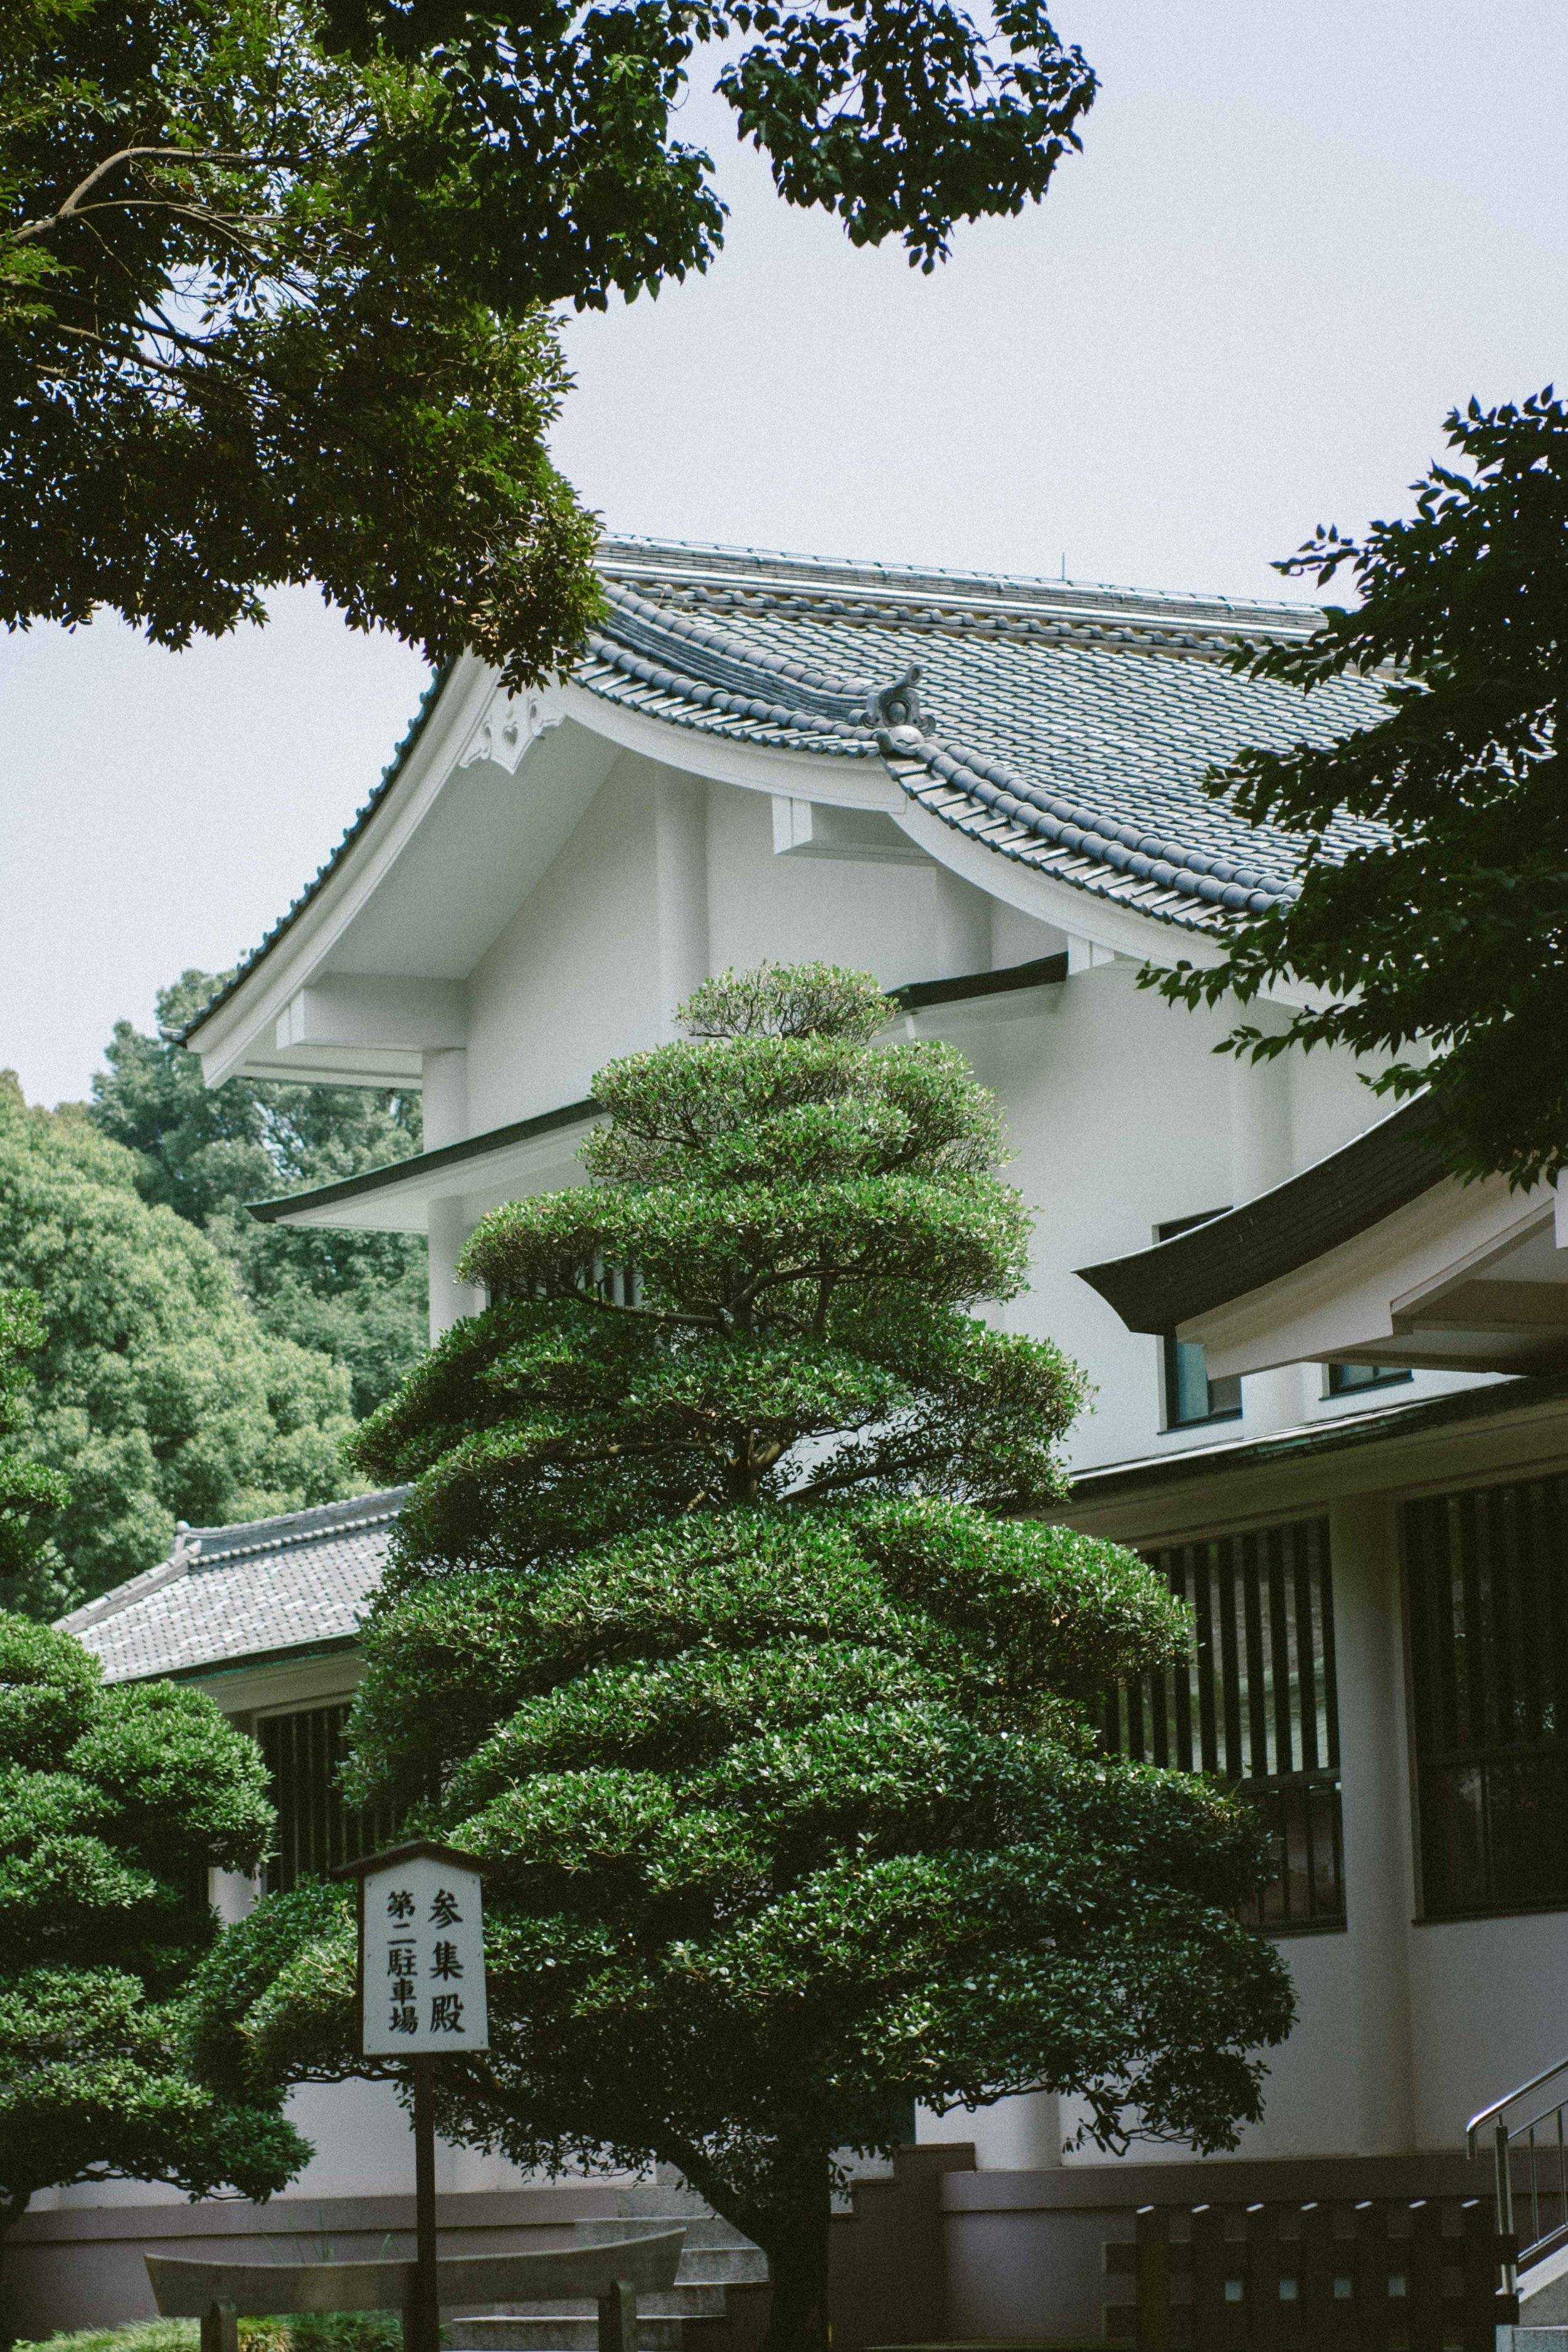 TOKYO VIA TOLILA